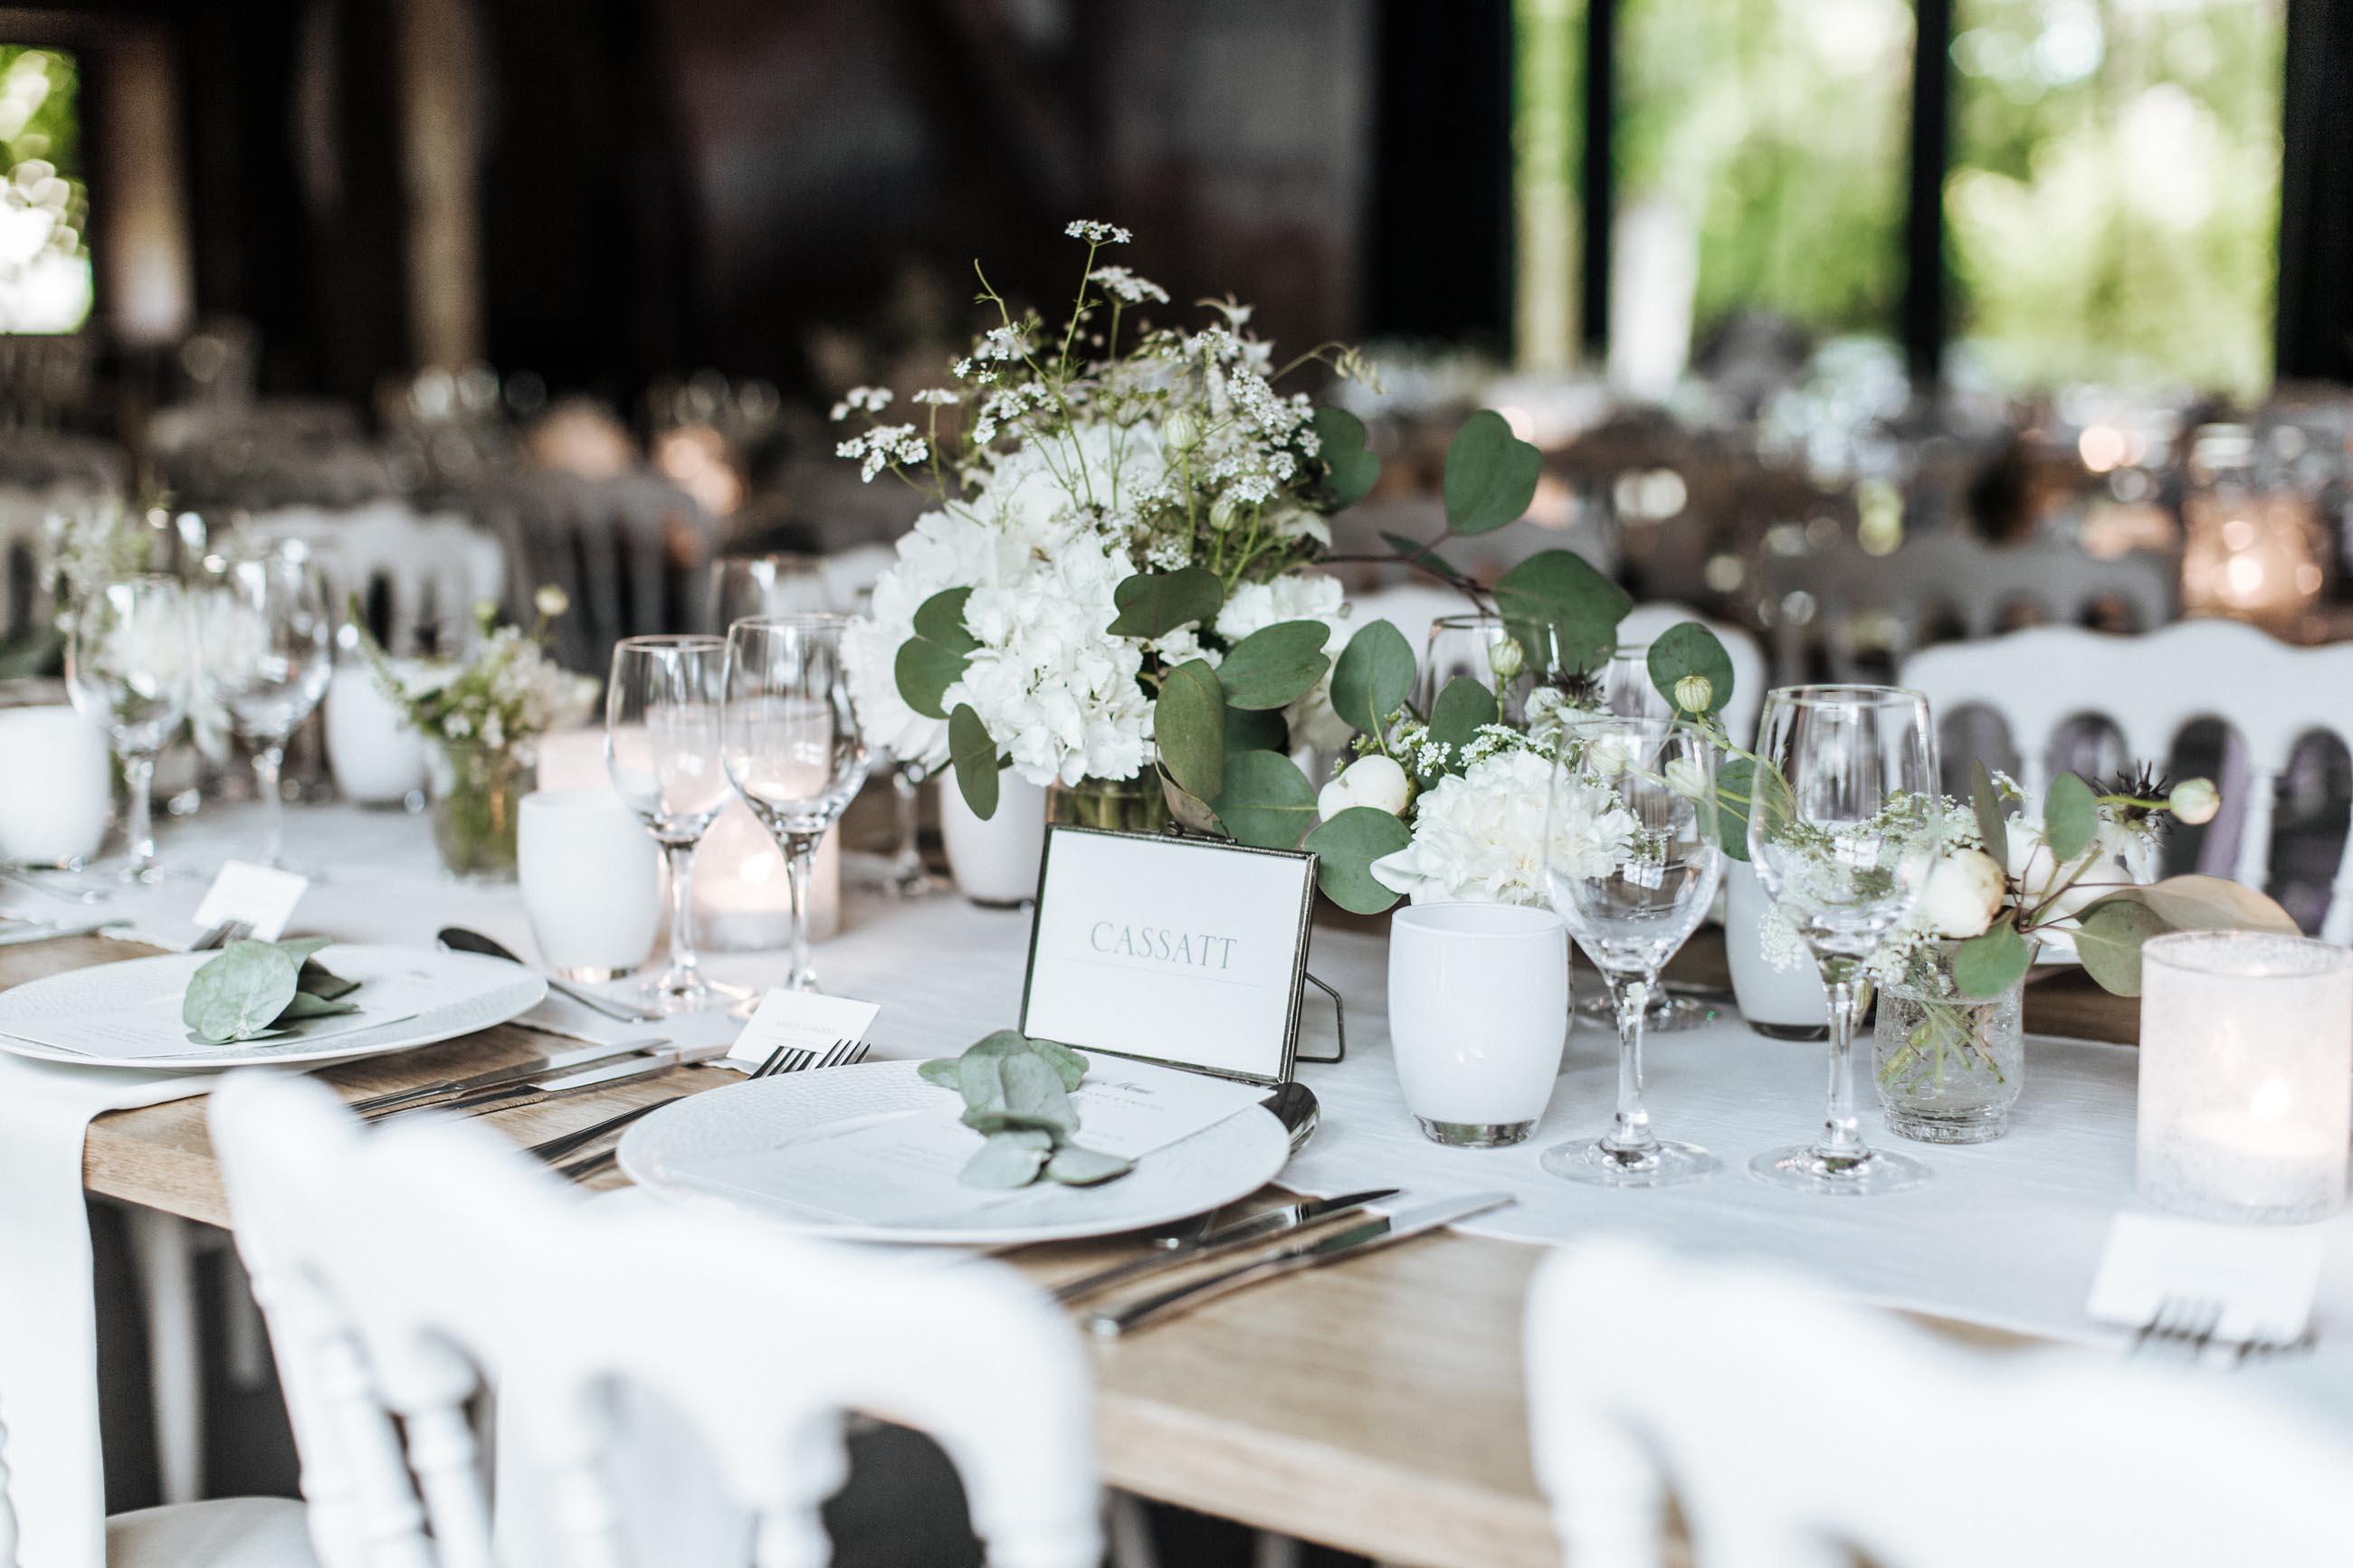 mariage-dime-de-giverny-reflets-fleurs-scenographe-florale-la-mariee-aux-pieds-nus-28_1